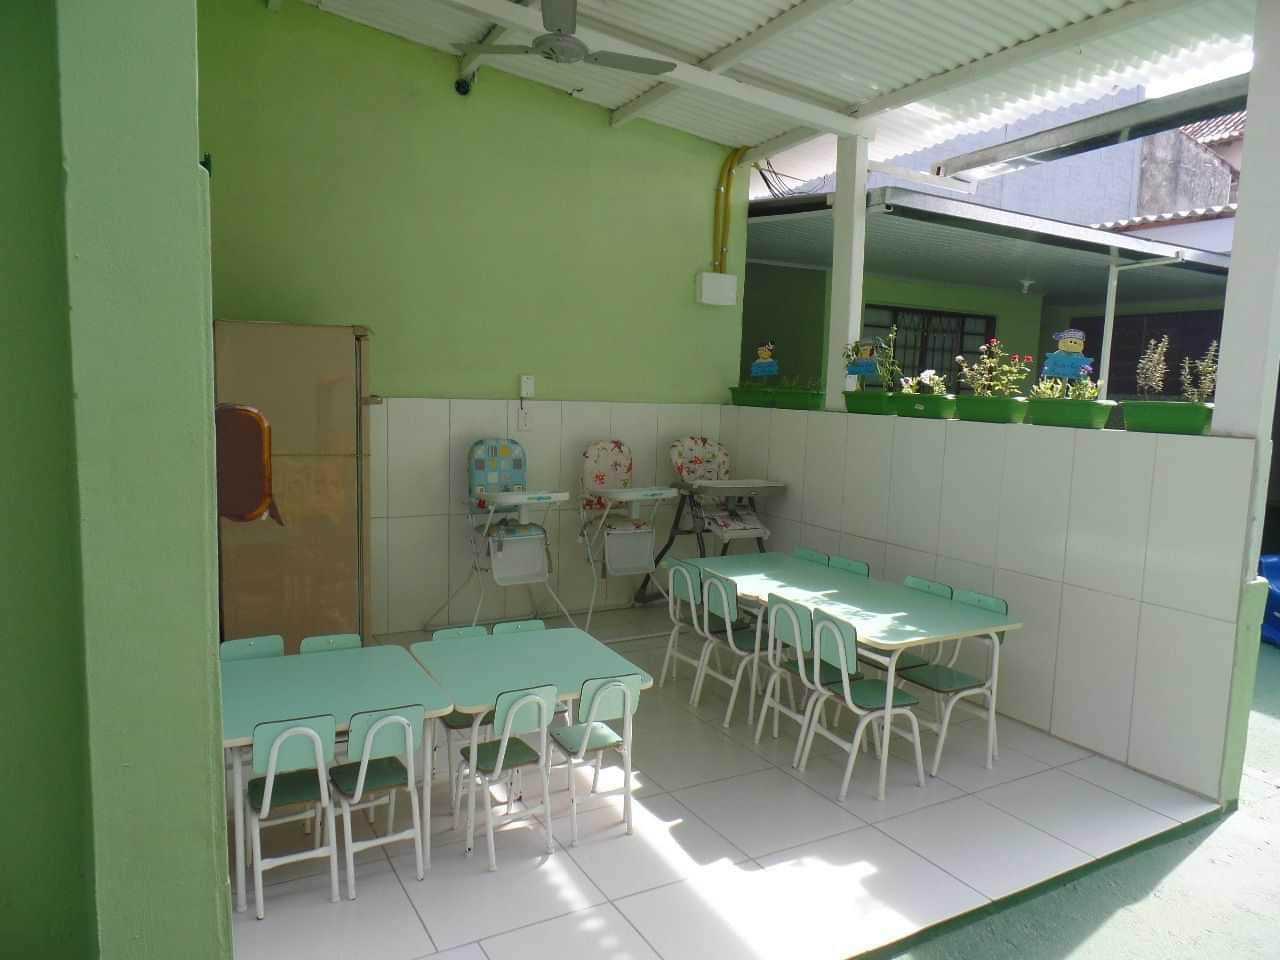 Centro Educacional Pimentel Martins e Creche Escola Algo Tao Doce - foto 11